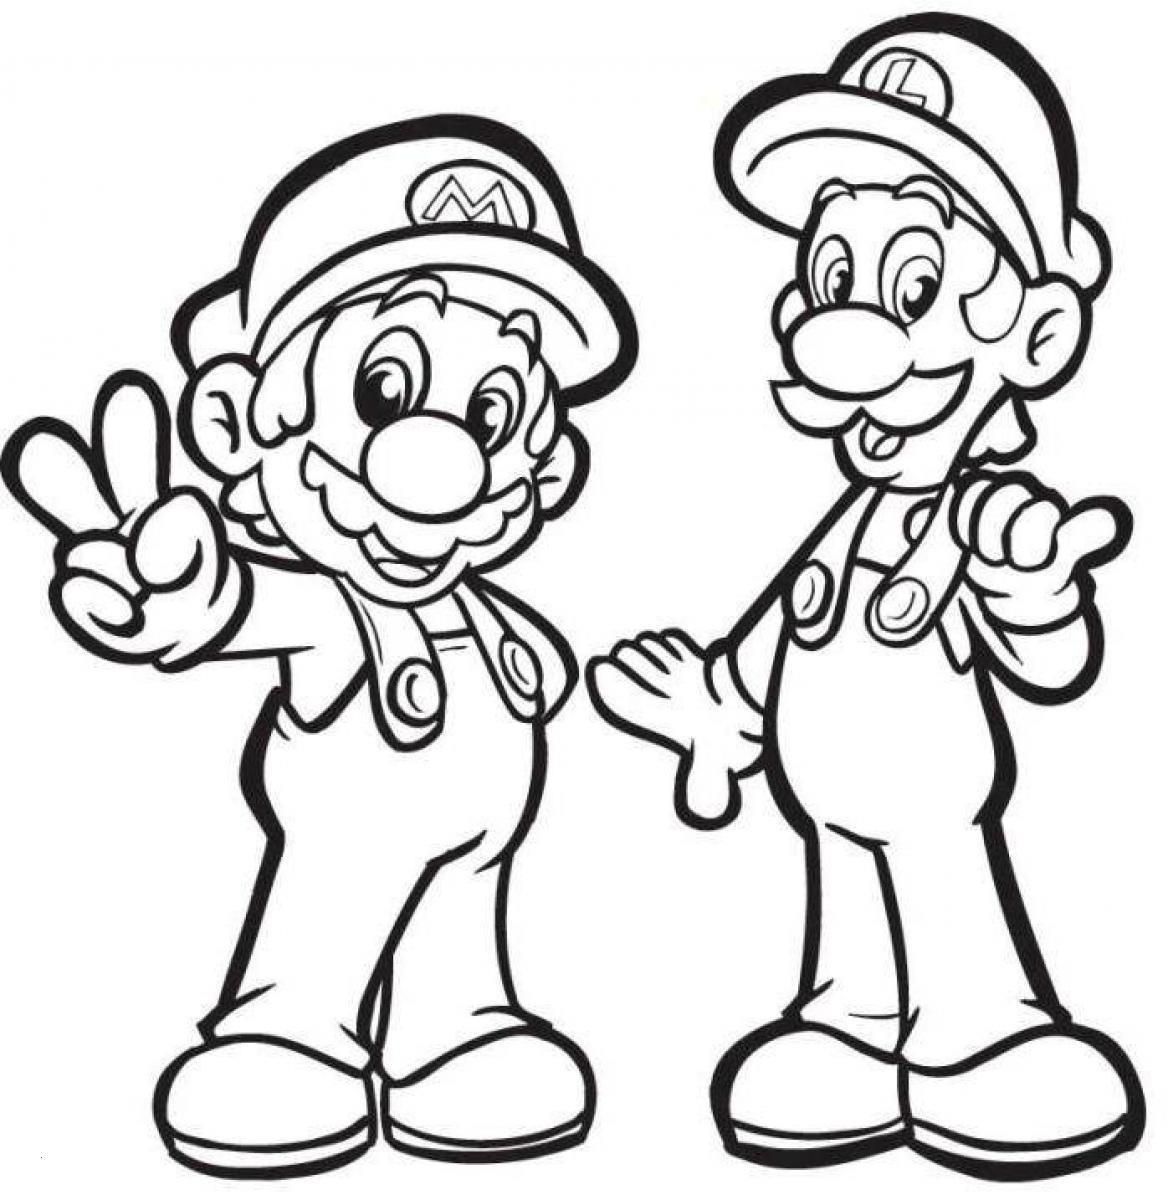 Ausmalbild Super Mario Neu Super Mario Luigi Ausmalbilder Elegant Mario Coloring Pages to Print Fotografieren